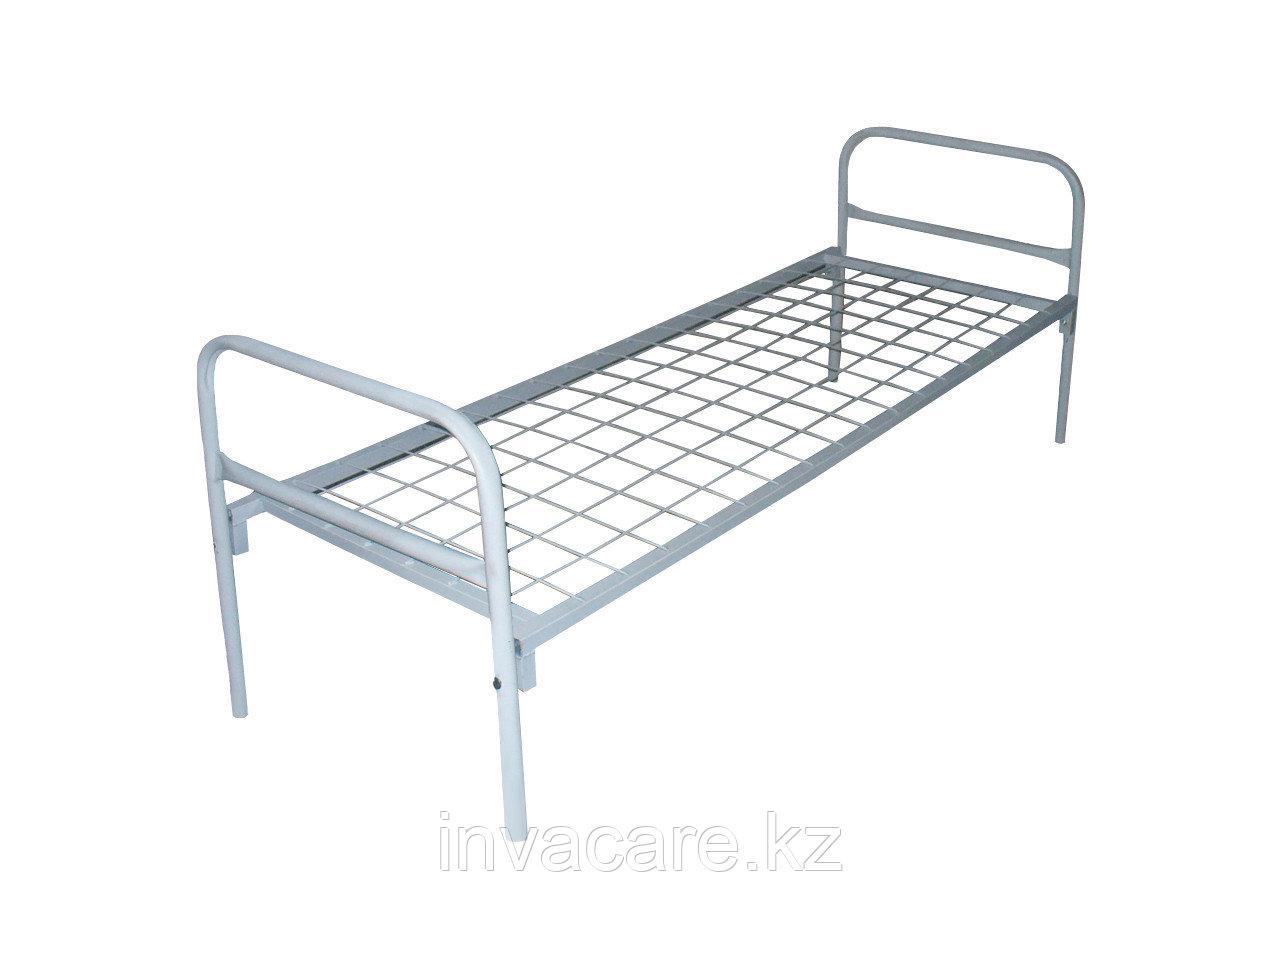 Кровать металлическая облегченная